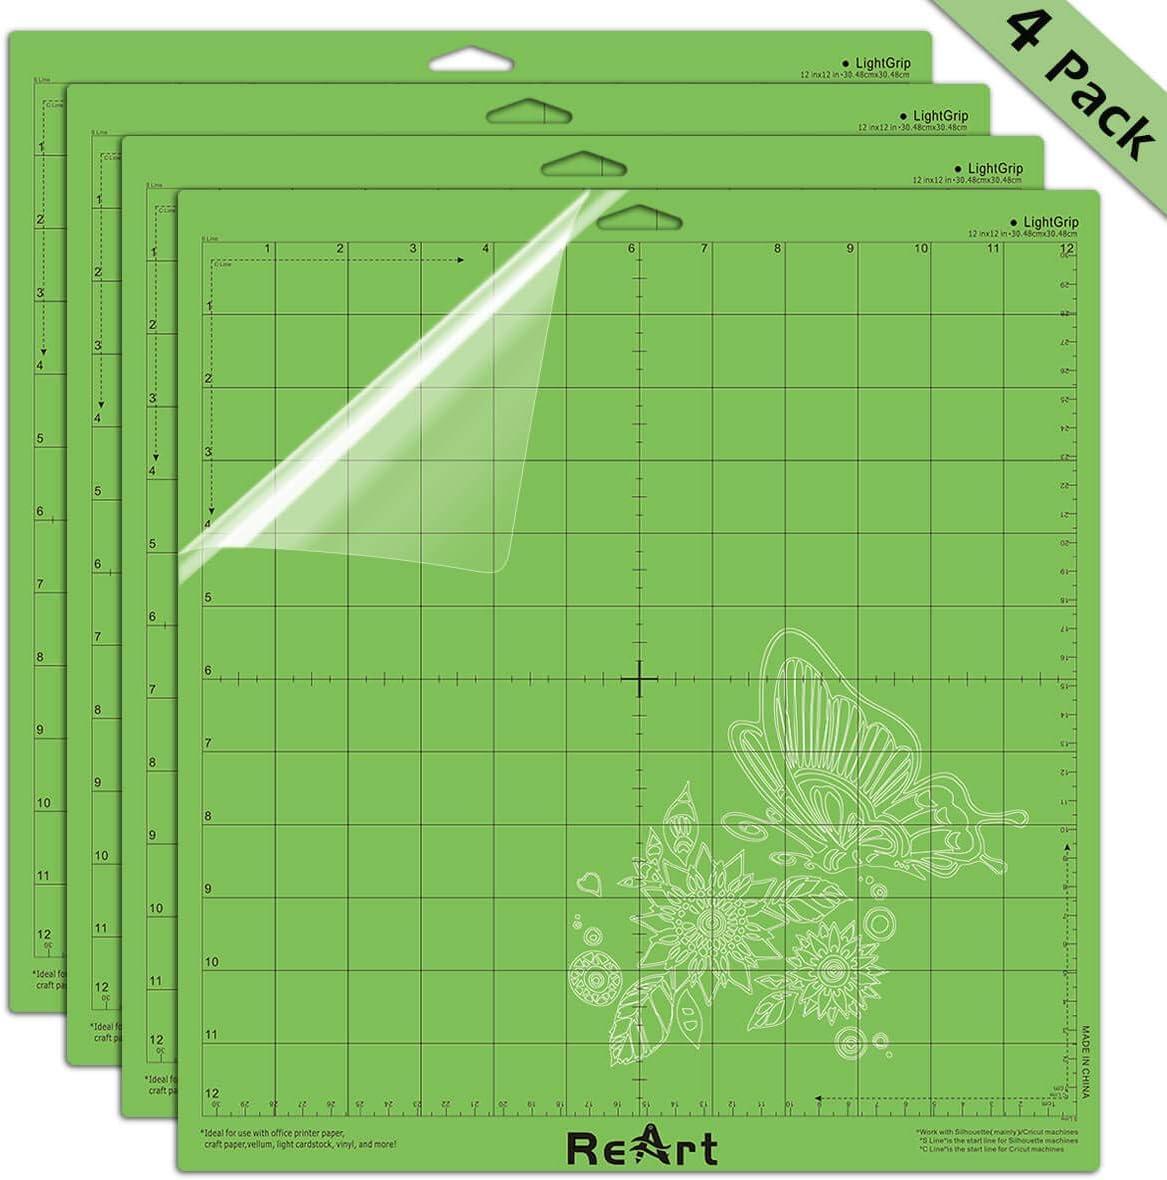 Tapete de corte de agarre ligero para Cricut para Silhouette Cameo 4 paquetes de 12 x 12 pulgadas – Tapete de corte adhesivo de repuesto, juego de alfombrillas de vinilo para manualidades: